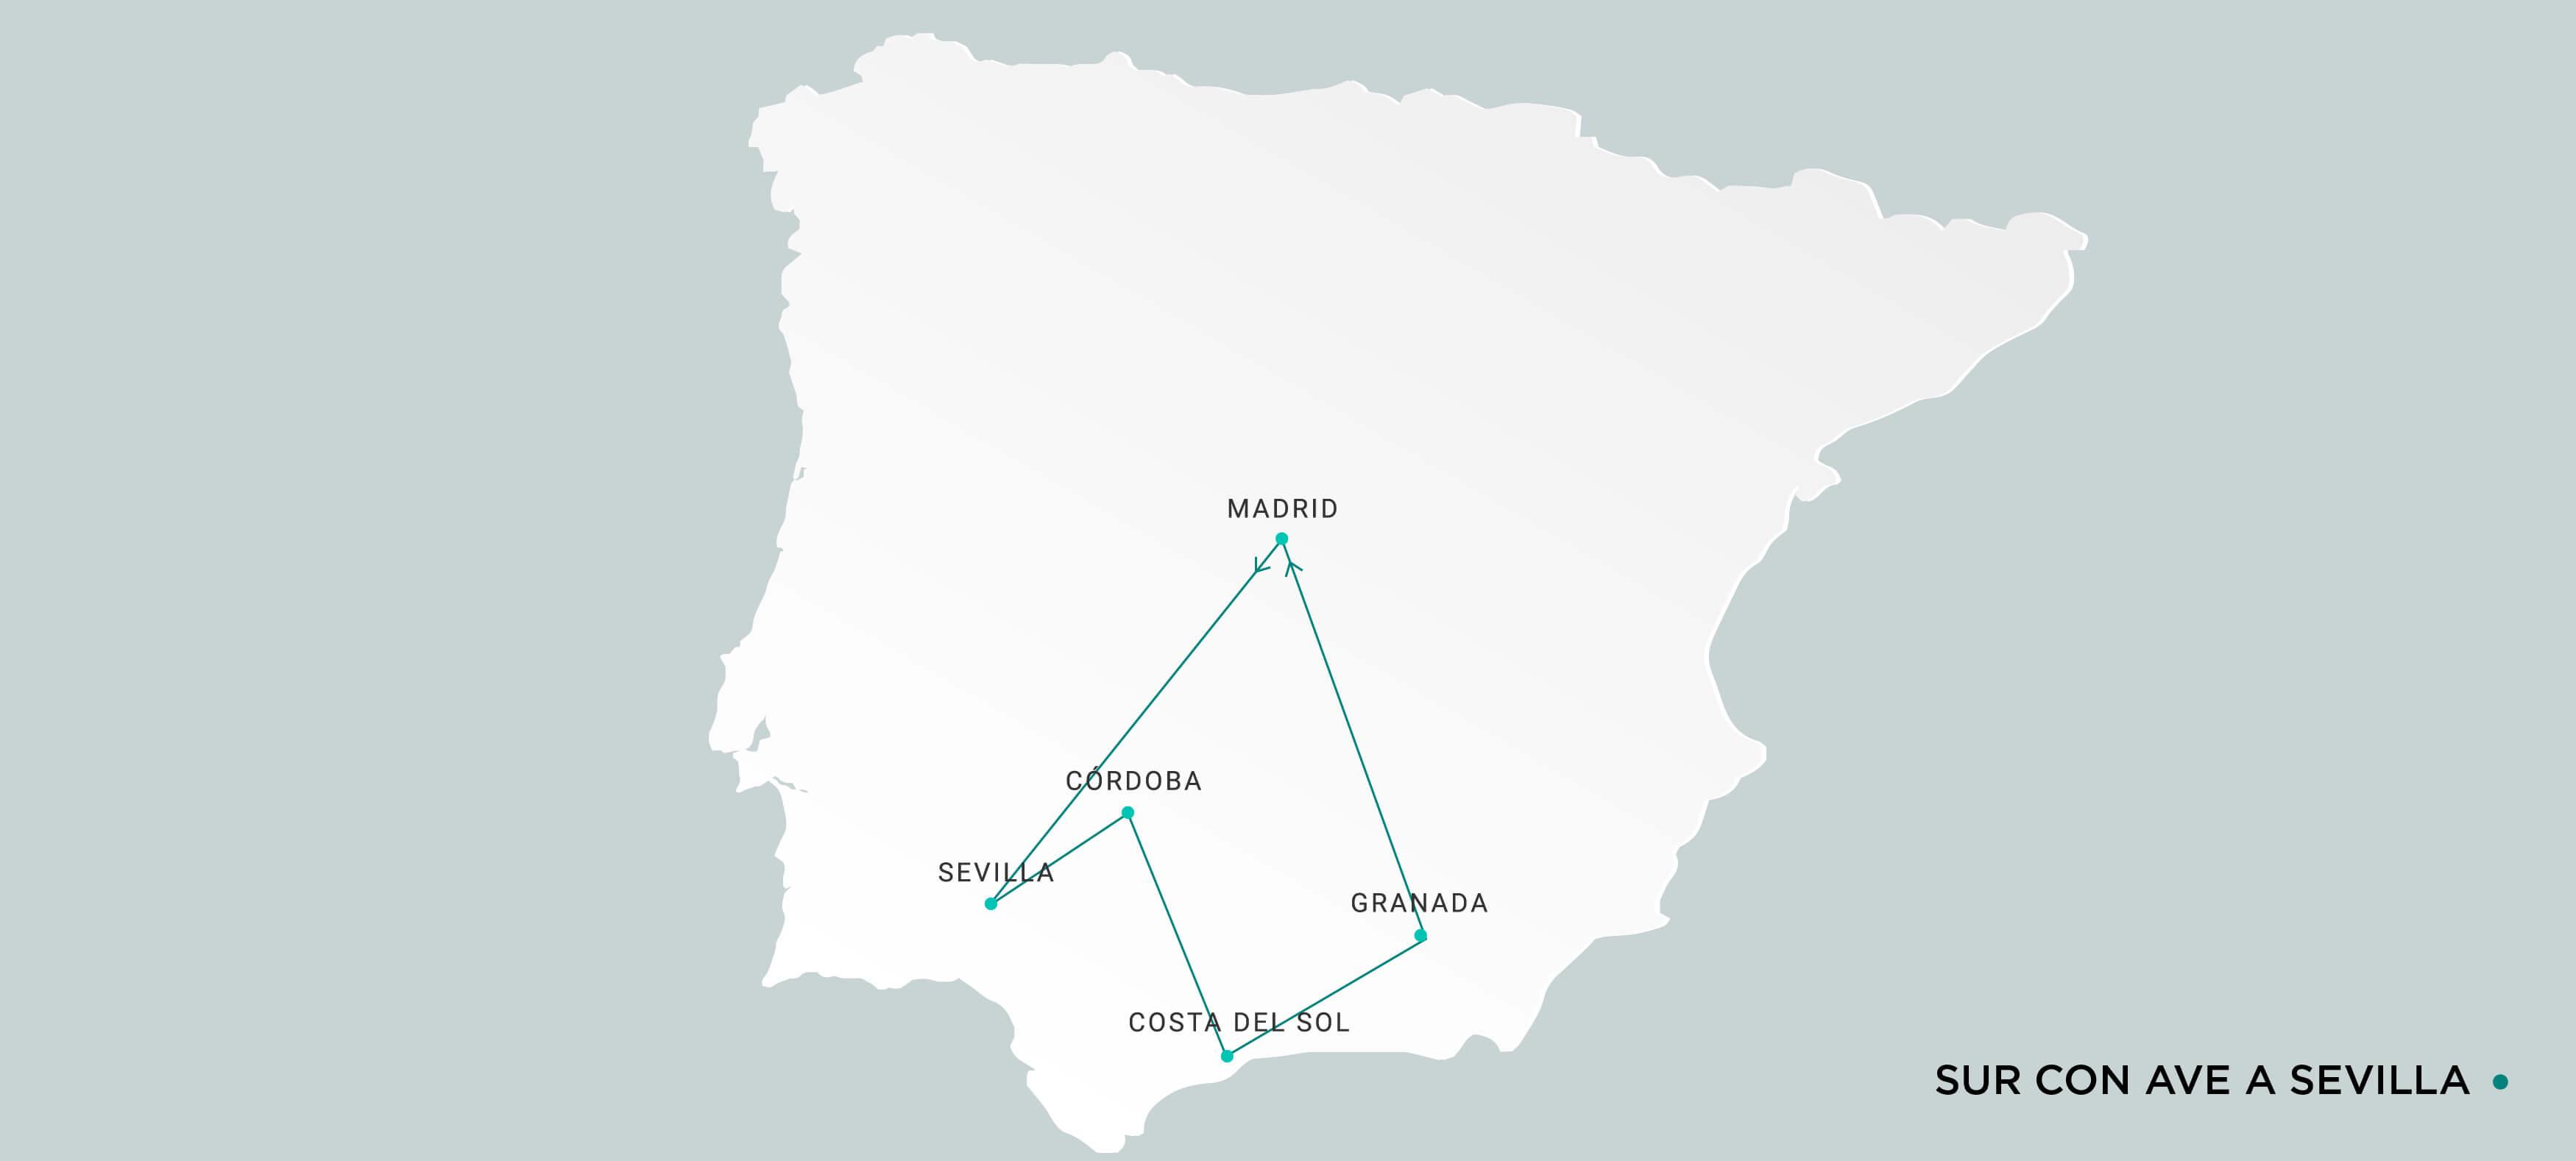 Mapa Sur con Ave a Sevilla